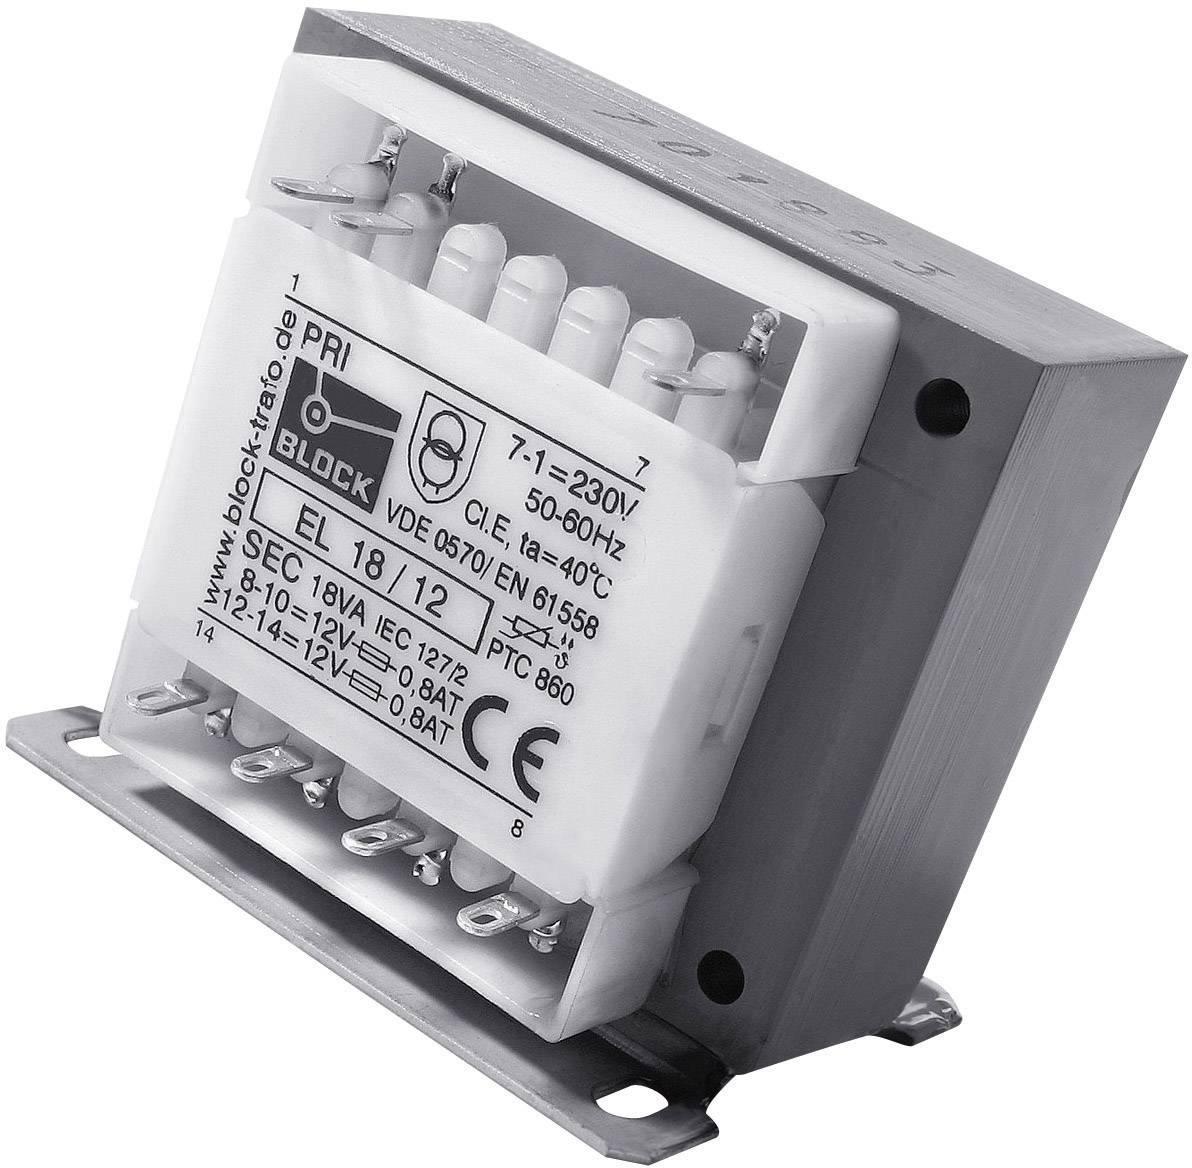 Bezpečnostní transformátor Block EL 50/15, 2x 15 V, 50 VA